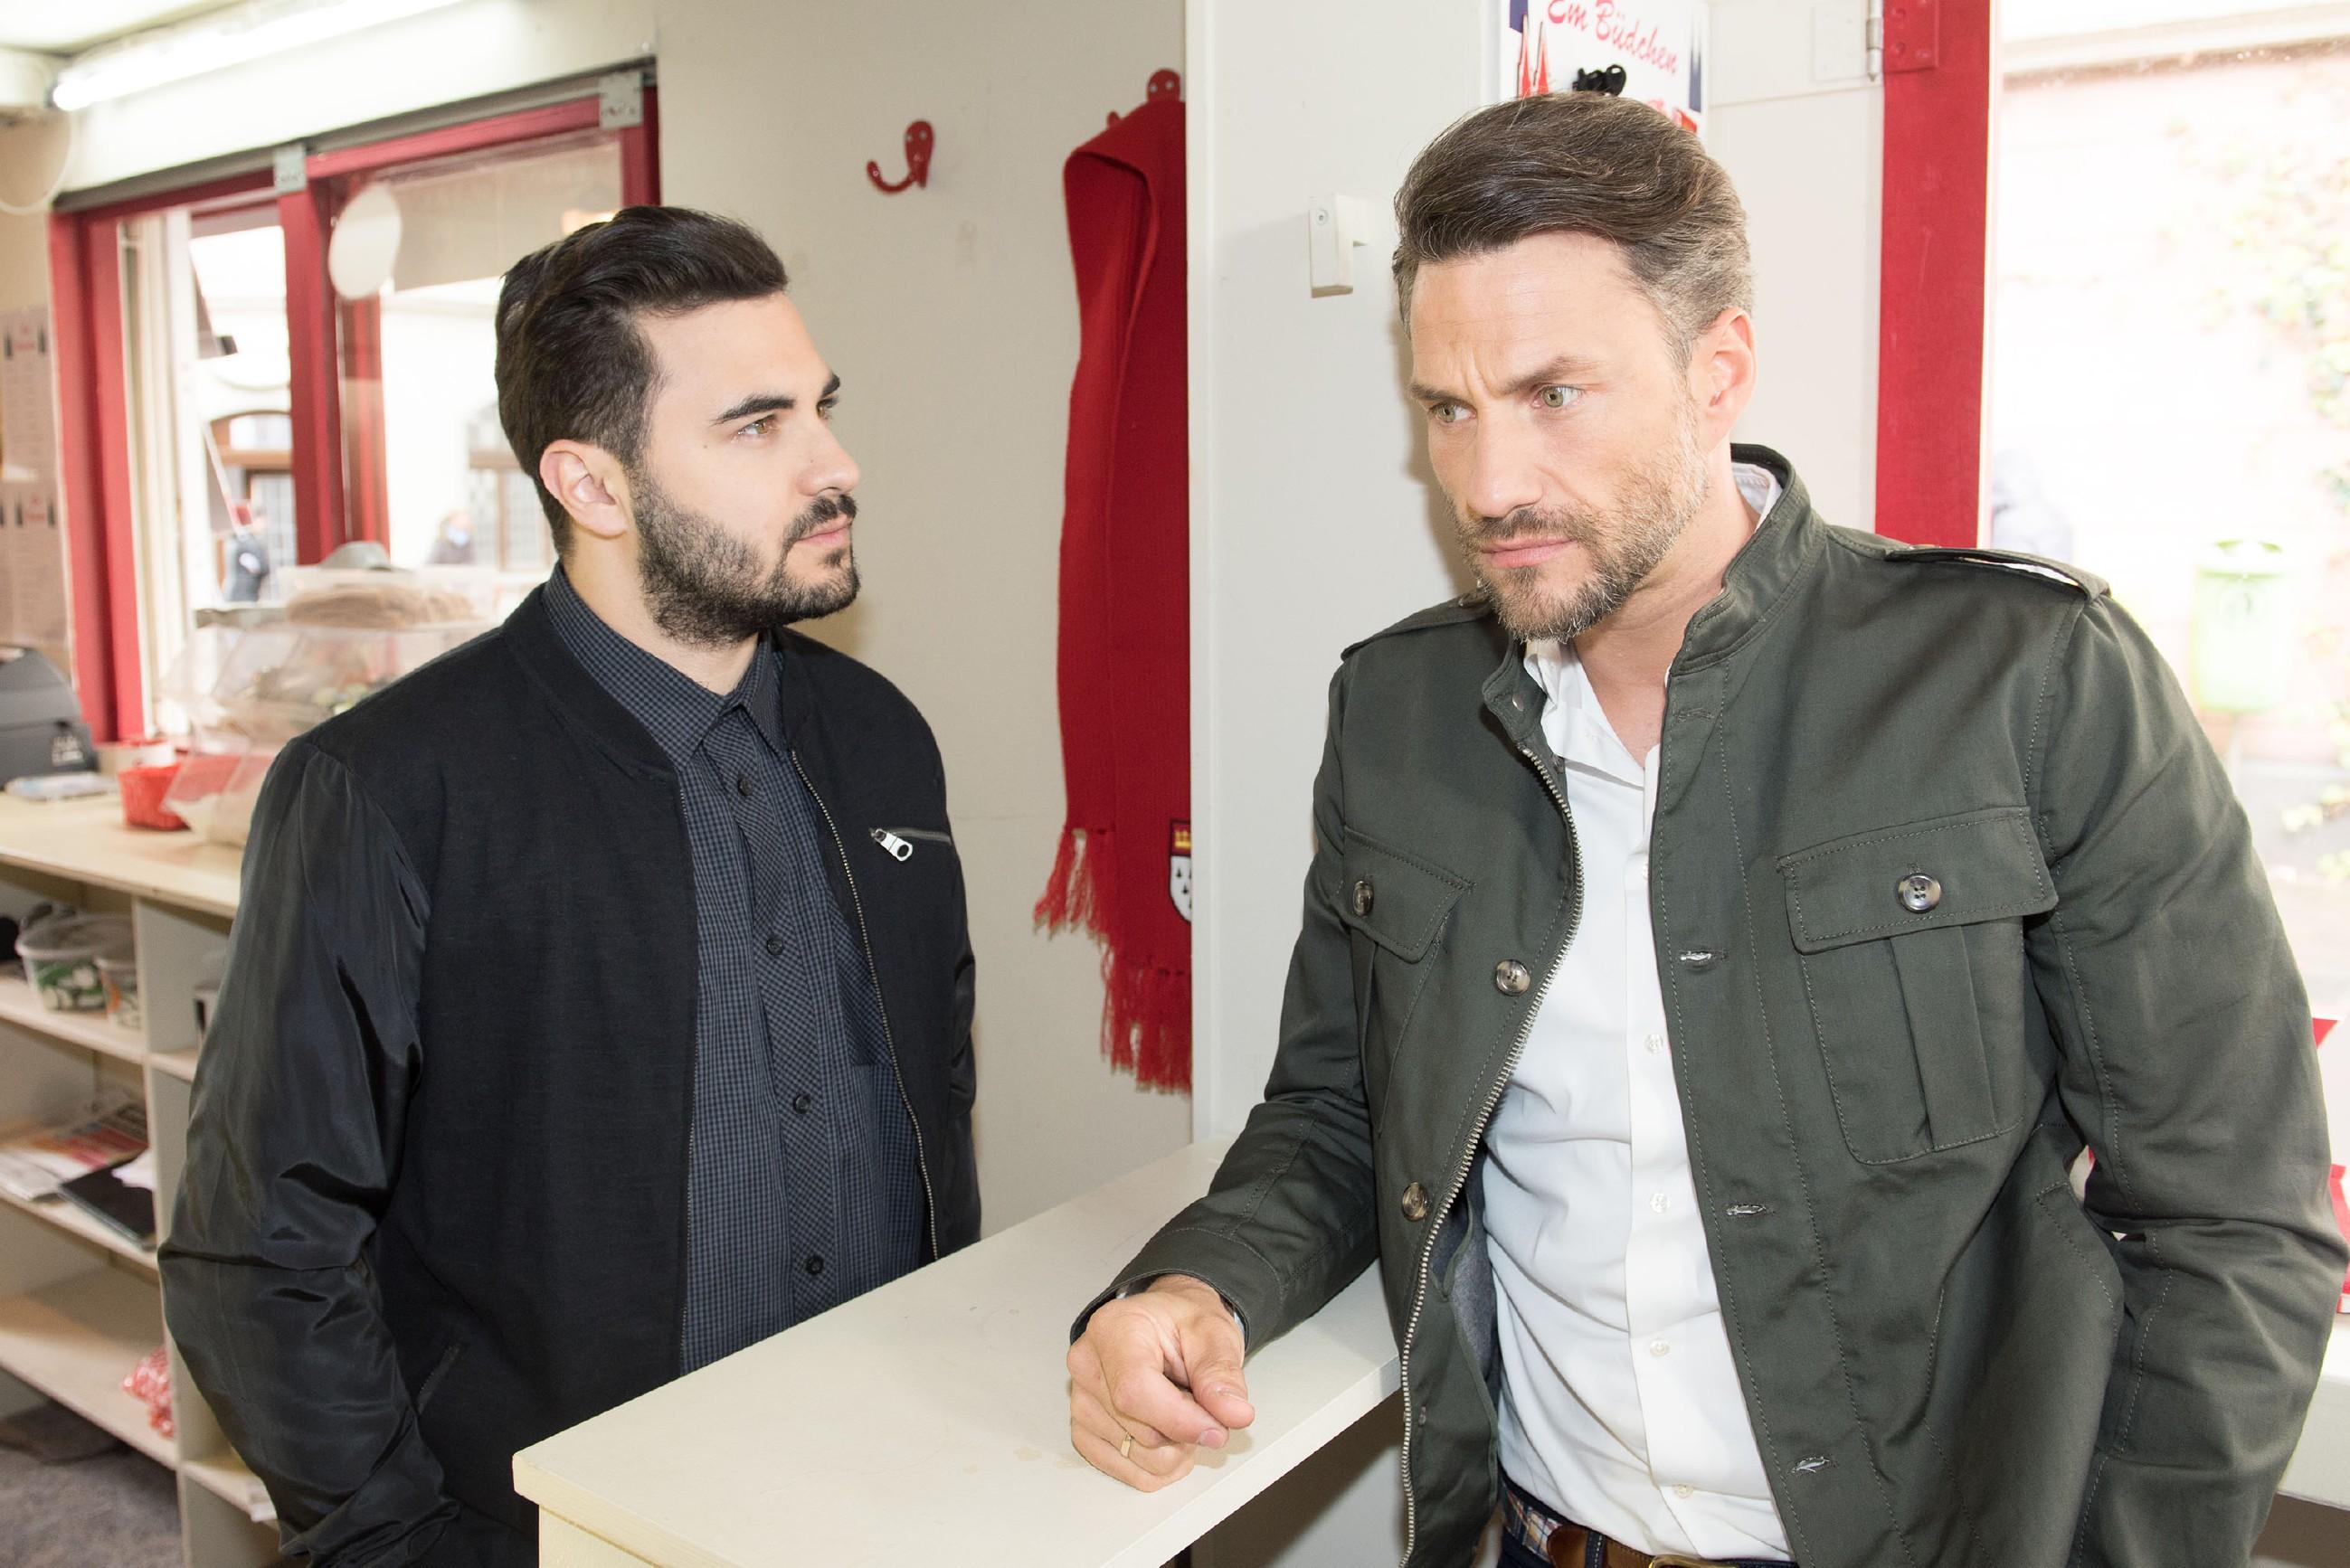 Easy (Lars Steinhöfel, l.) zerstreut Maltes (Stefan Bockelmann) Eindruck, dass Caro sich bereits wieder von Tobias aufmuntern lässt, und macht ihm klar, dass er dabei ist, seine Beziehung aufs Spiel zu setzen. (Quelle RTL / Stefan Behrens)